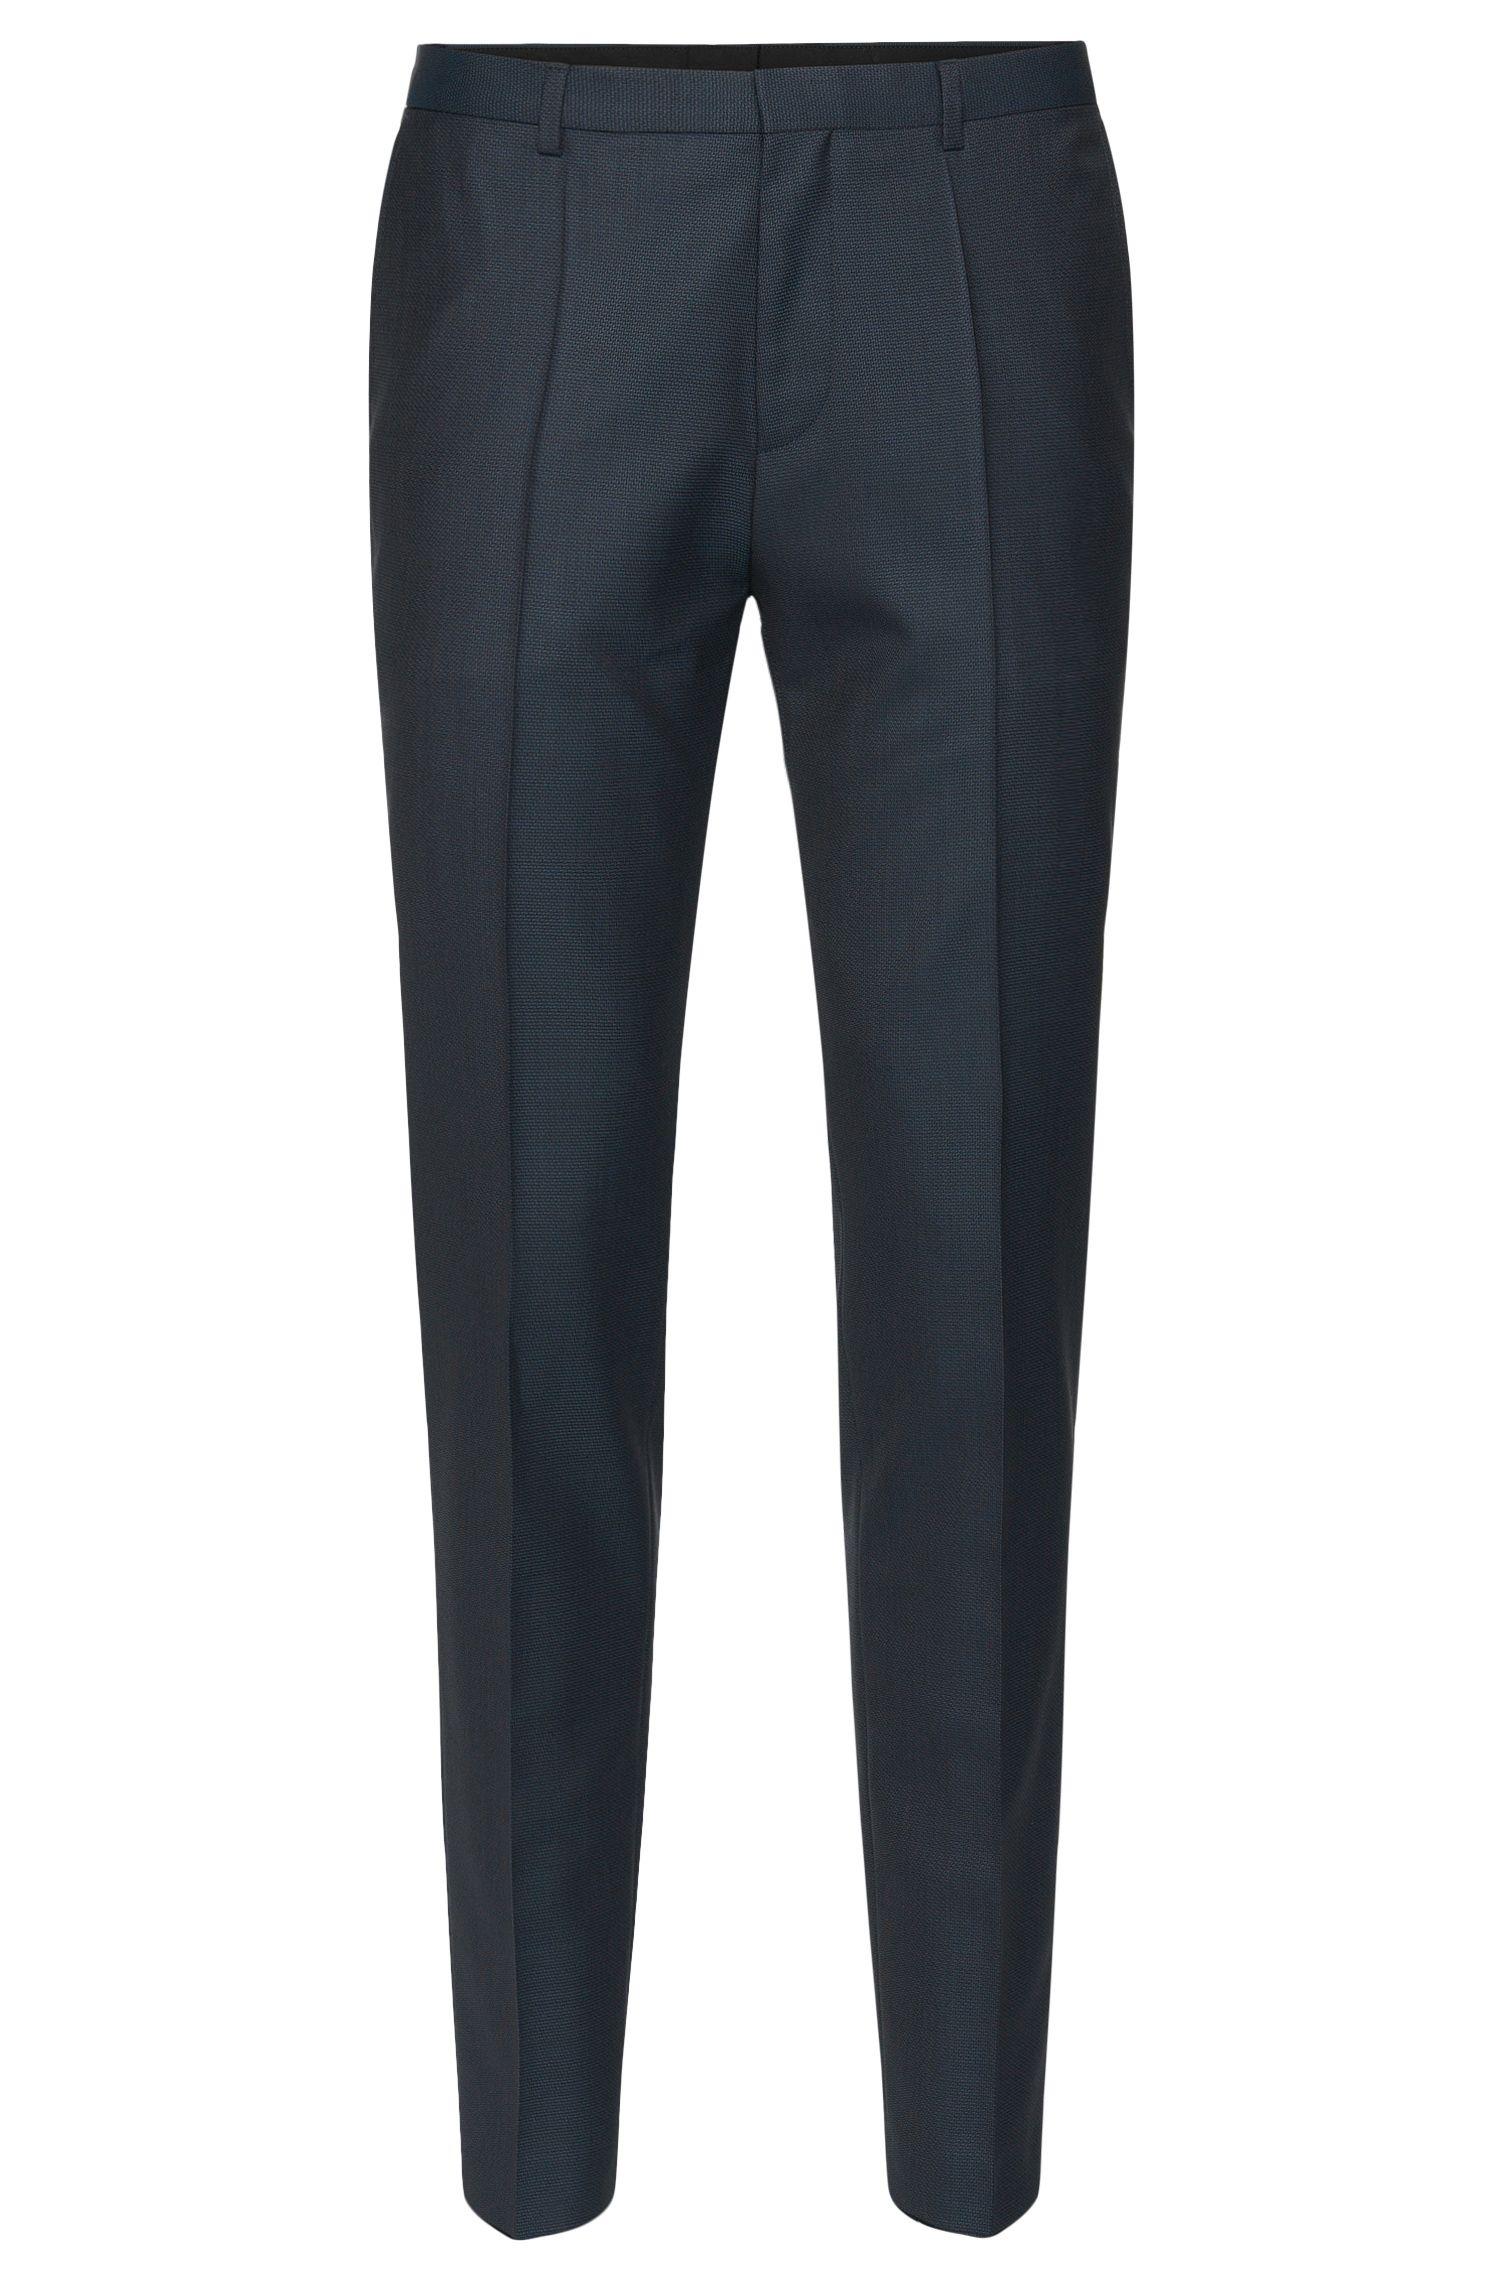 Gemusterte Slim-Fit Hose aus reiner Schurwolle: 'Hets'